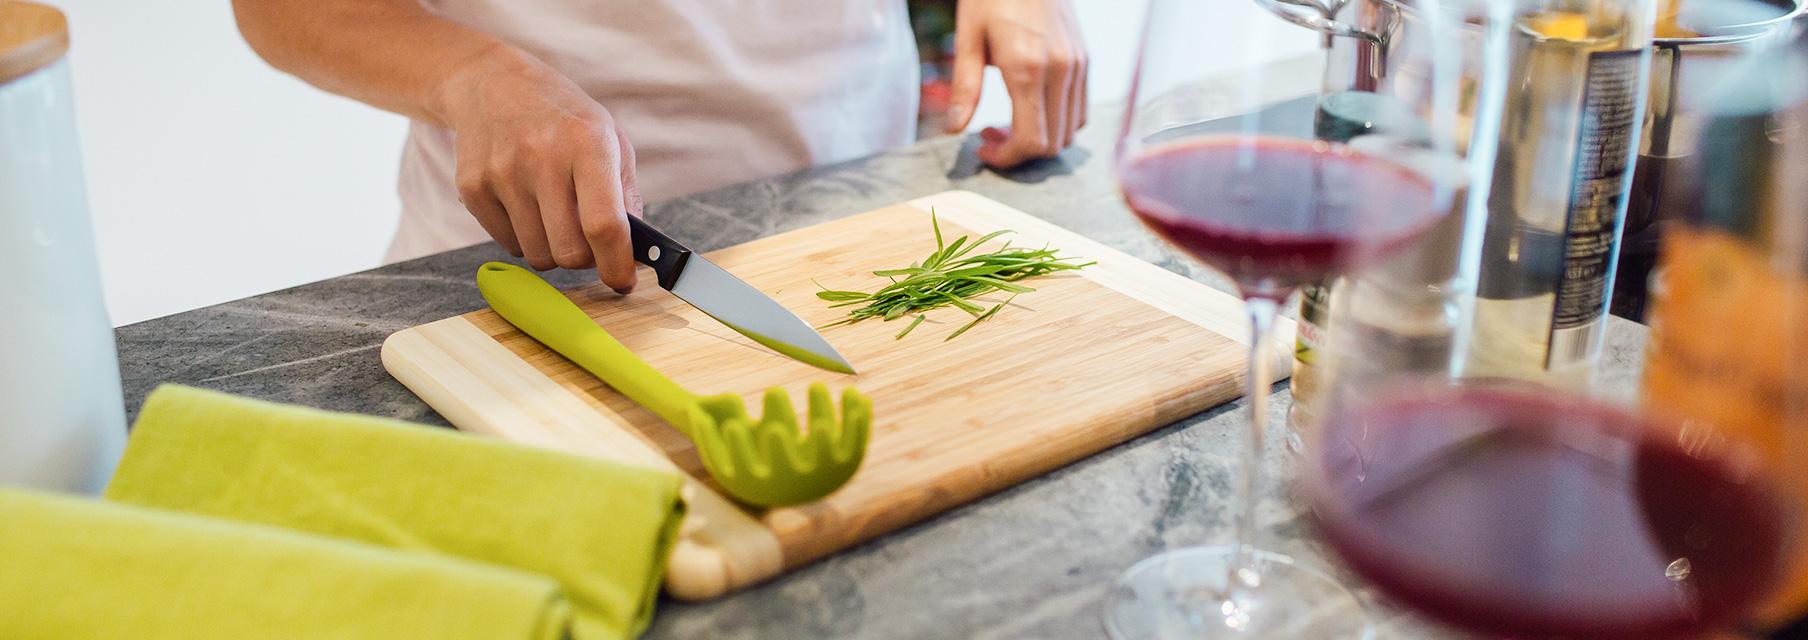 příprava jídla v kuchyni